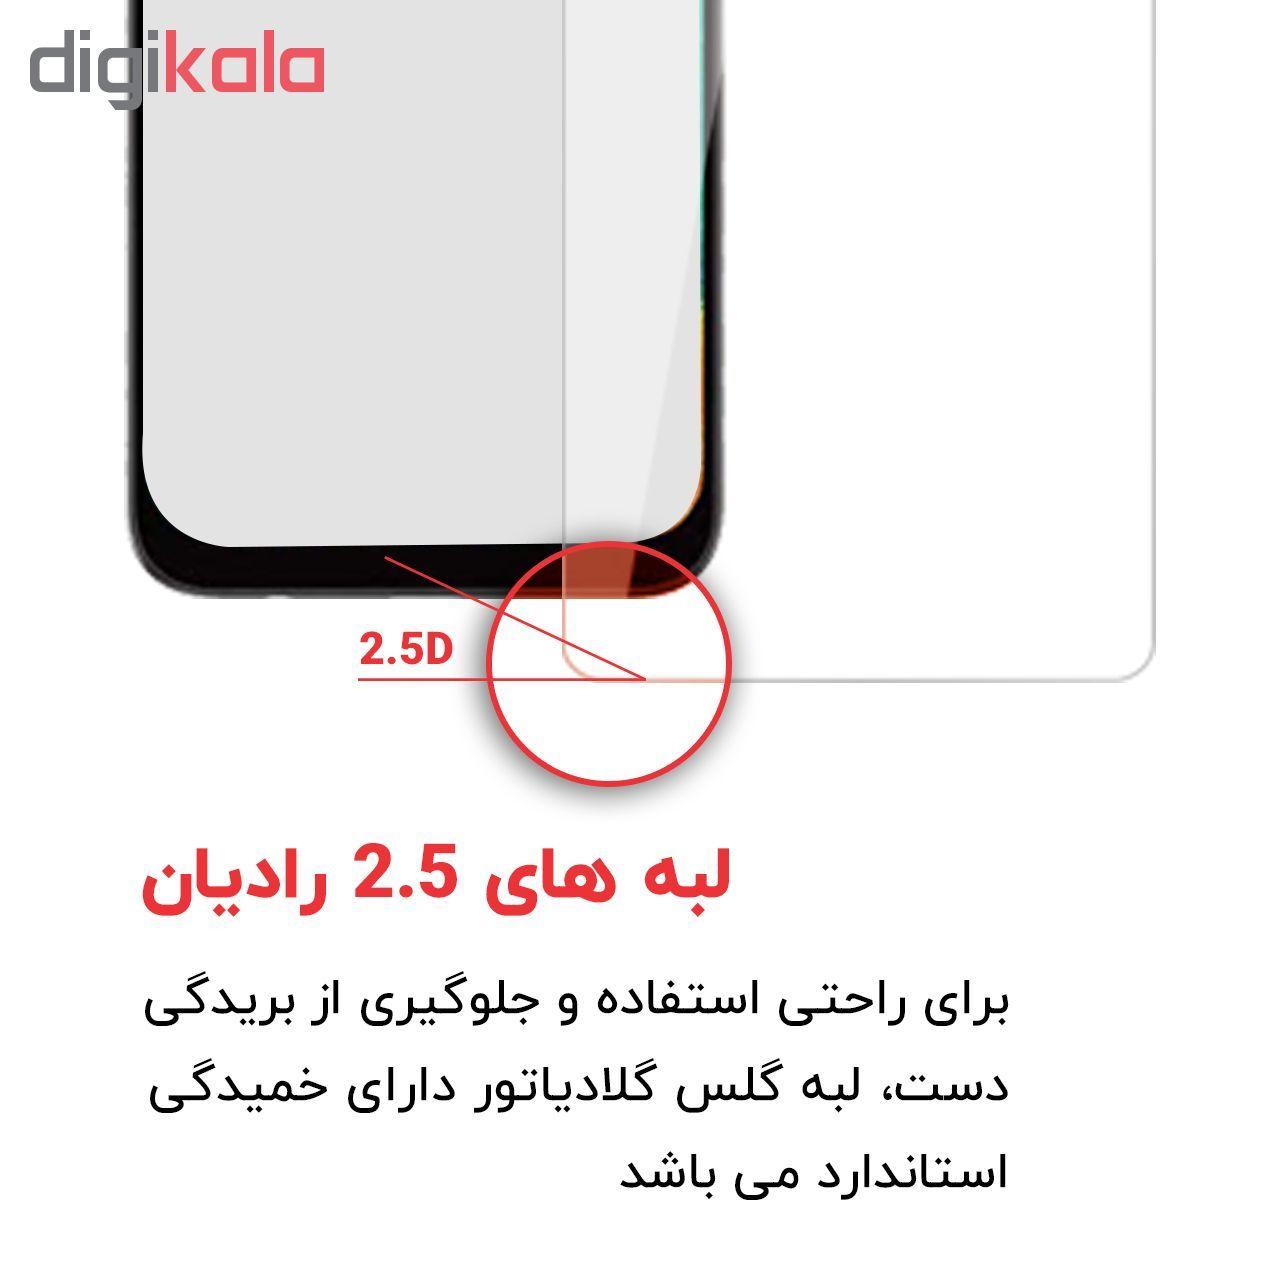 محافظ صفحه نمایش گلادیاتور مدل GLS1000 مناسب برای گوشی موبایل سامسونگ Galaxy A71 main 1 7